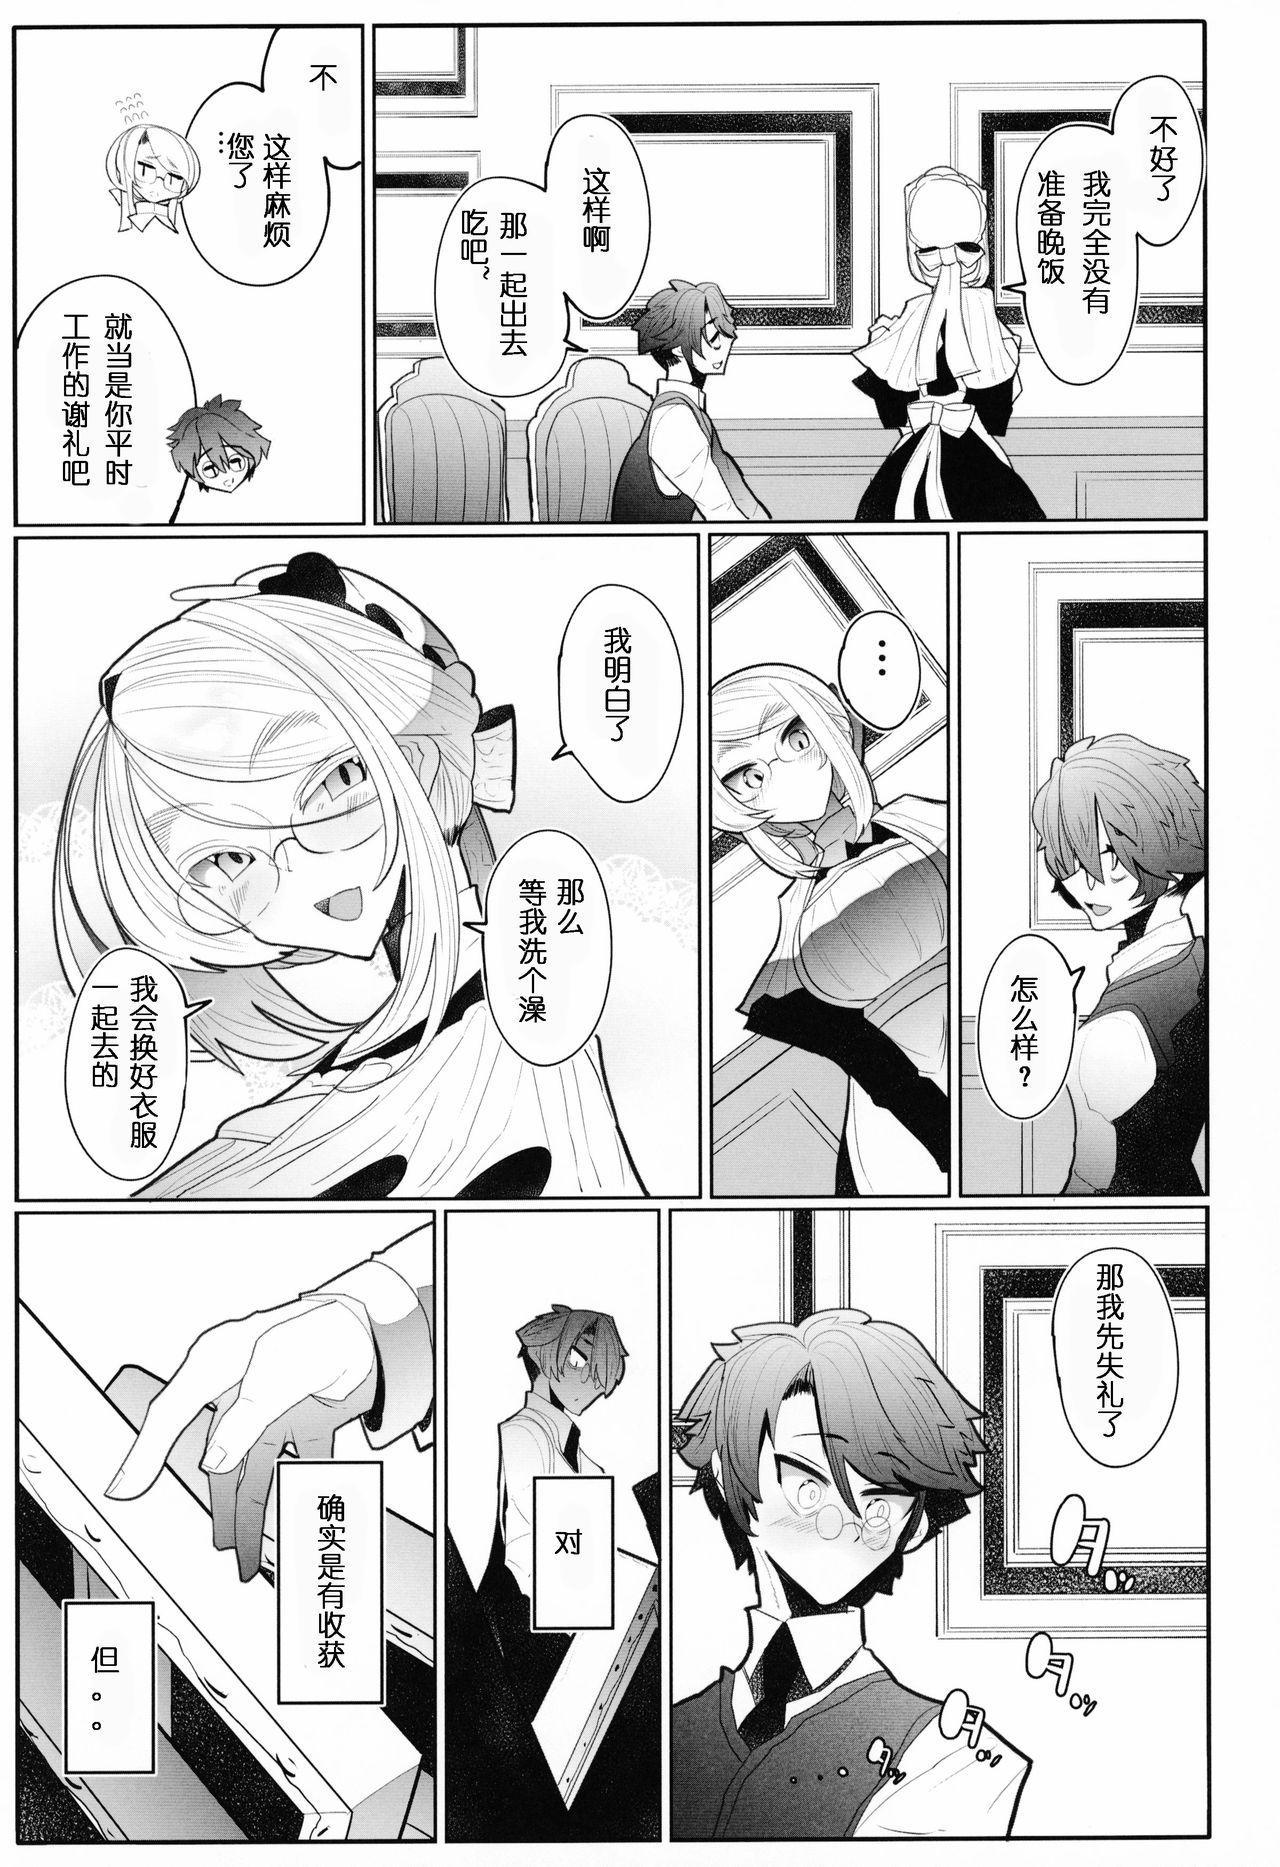 Shinshi Tsuki Maid no Sophie-san 3 53